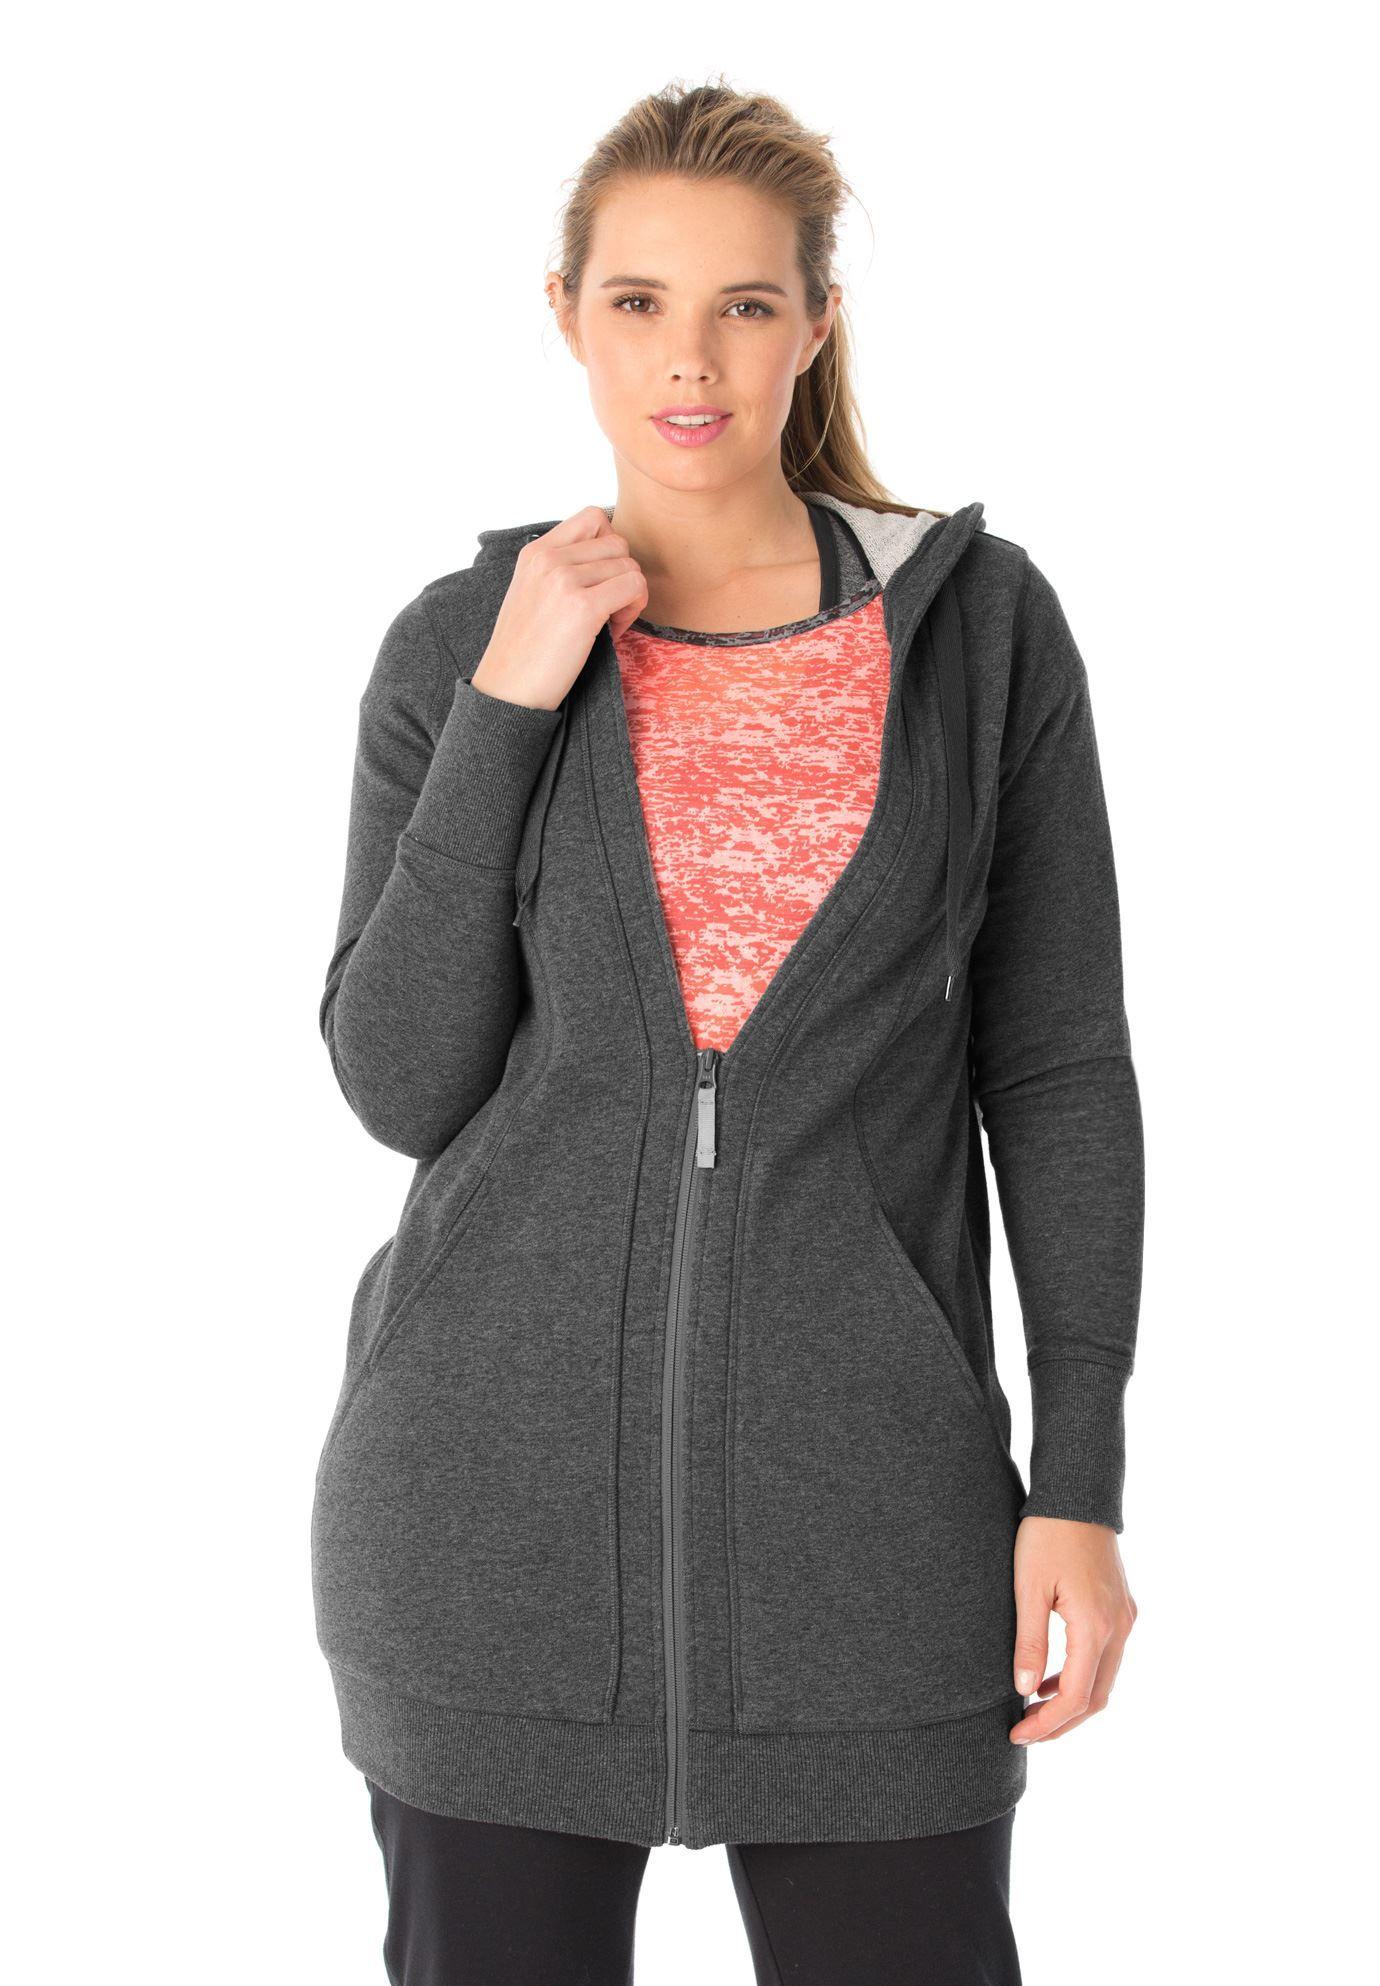 90dbb7be946 Tunic hoodie jacket by fullbeauty SPORT™